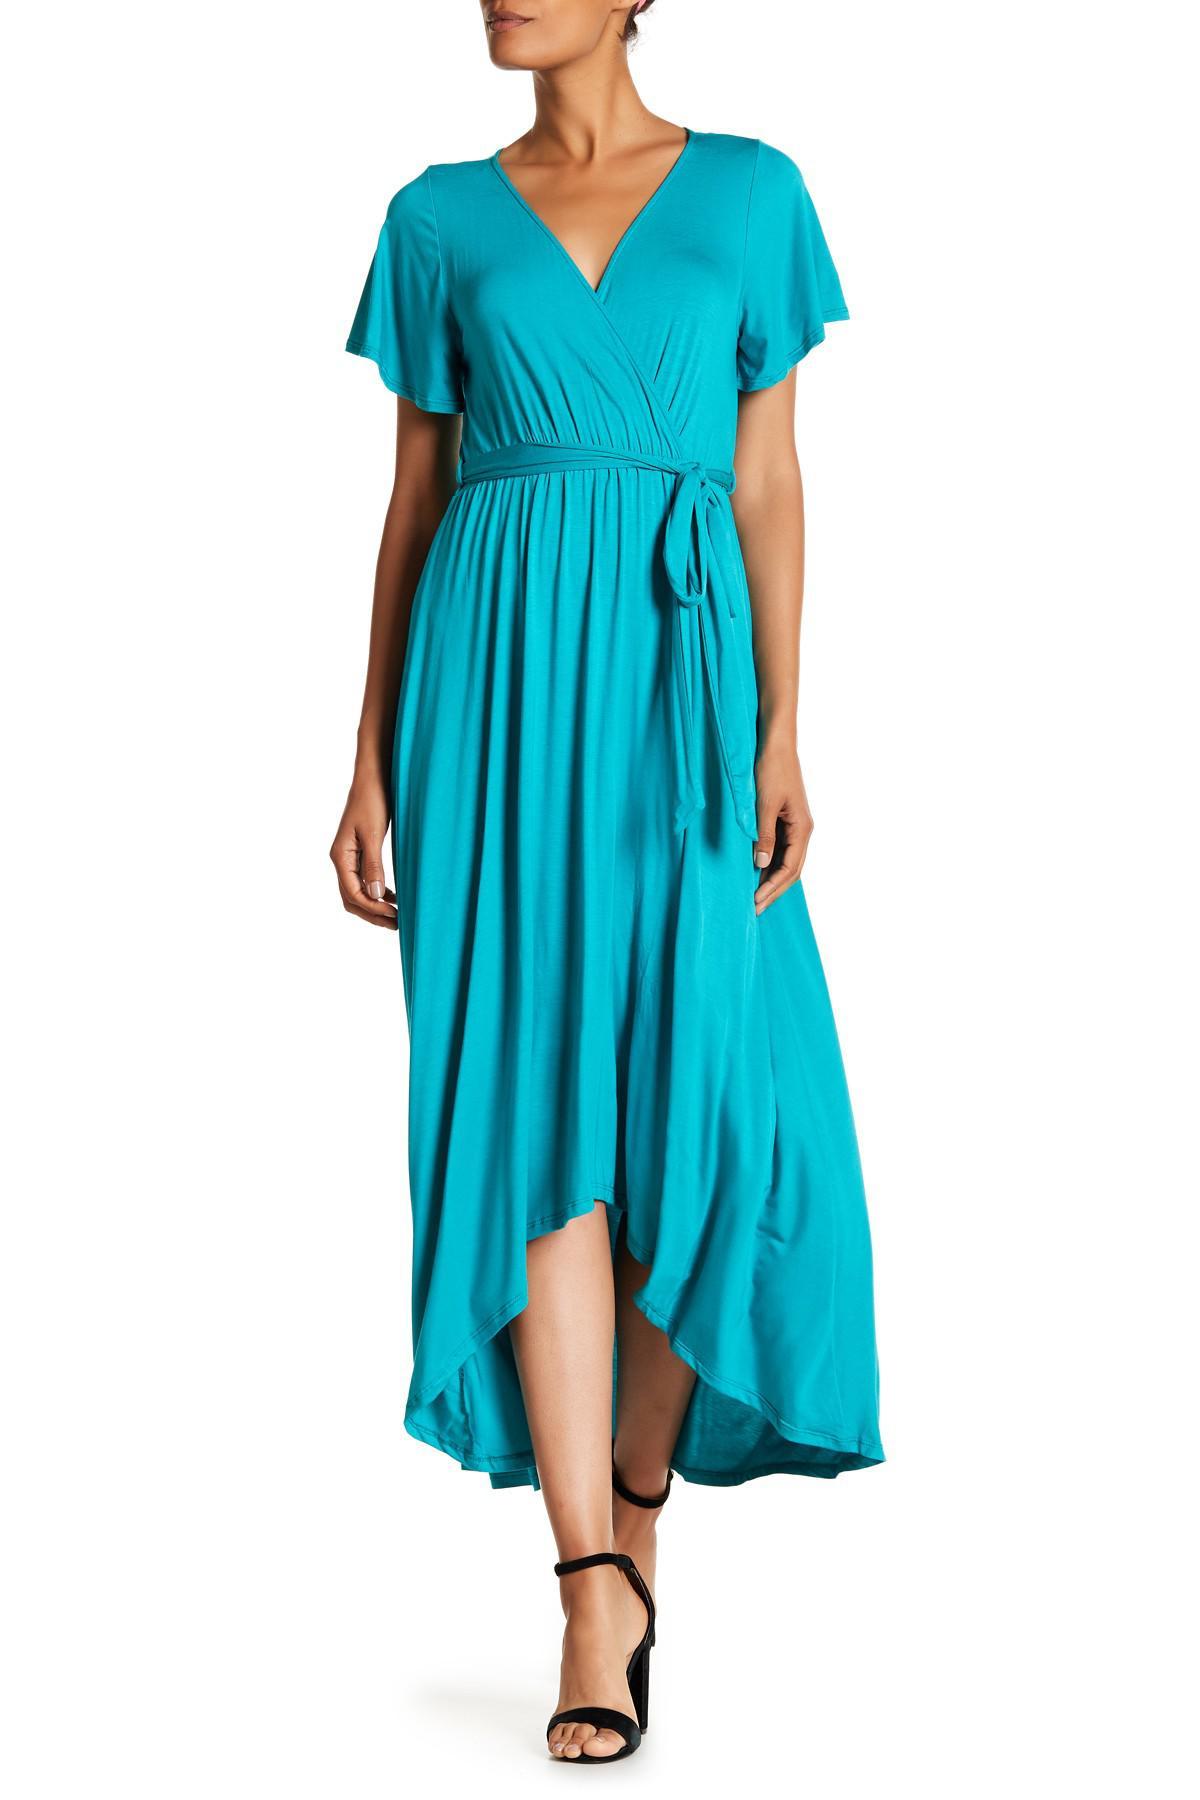 ace468c280c Lyst - West Kei Hi-lo Knit Wrap Dress in Blue